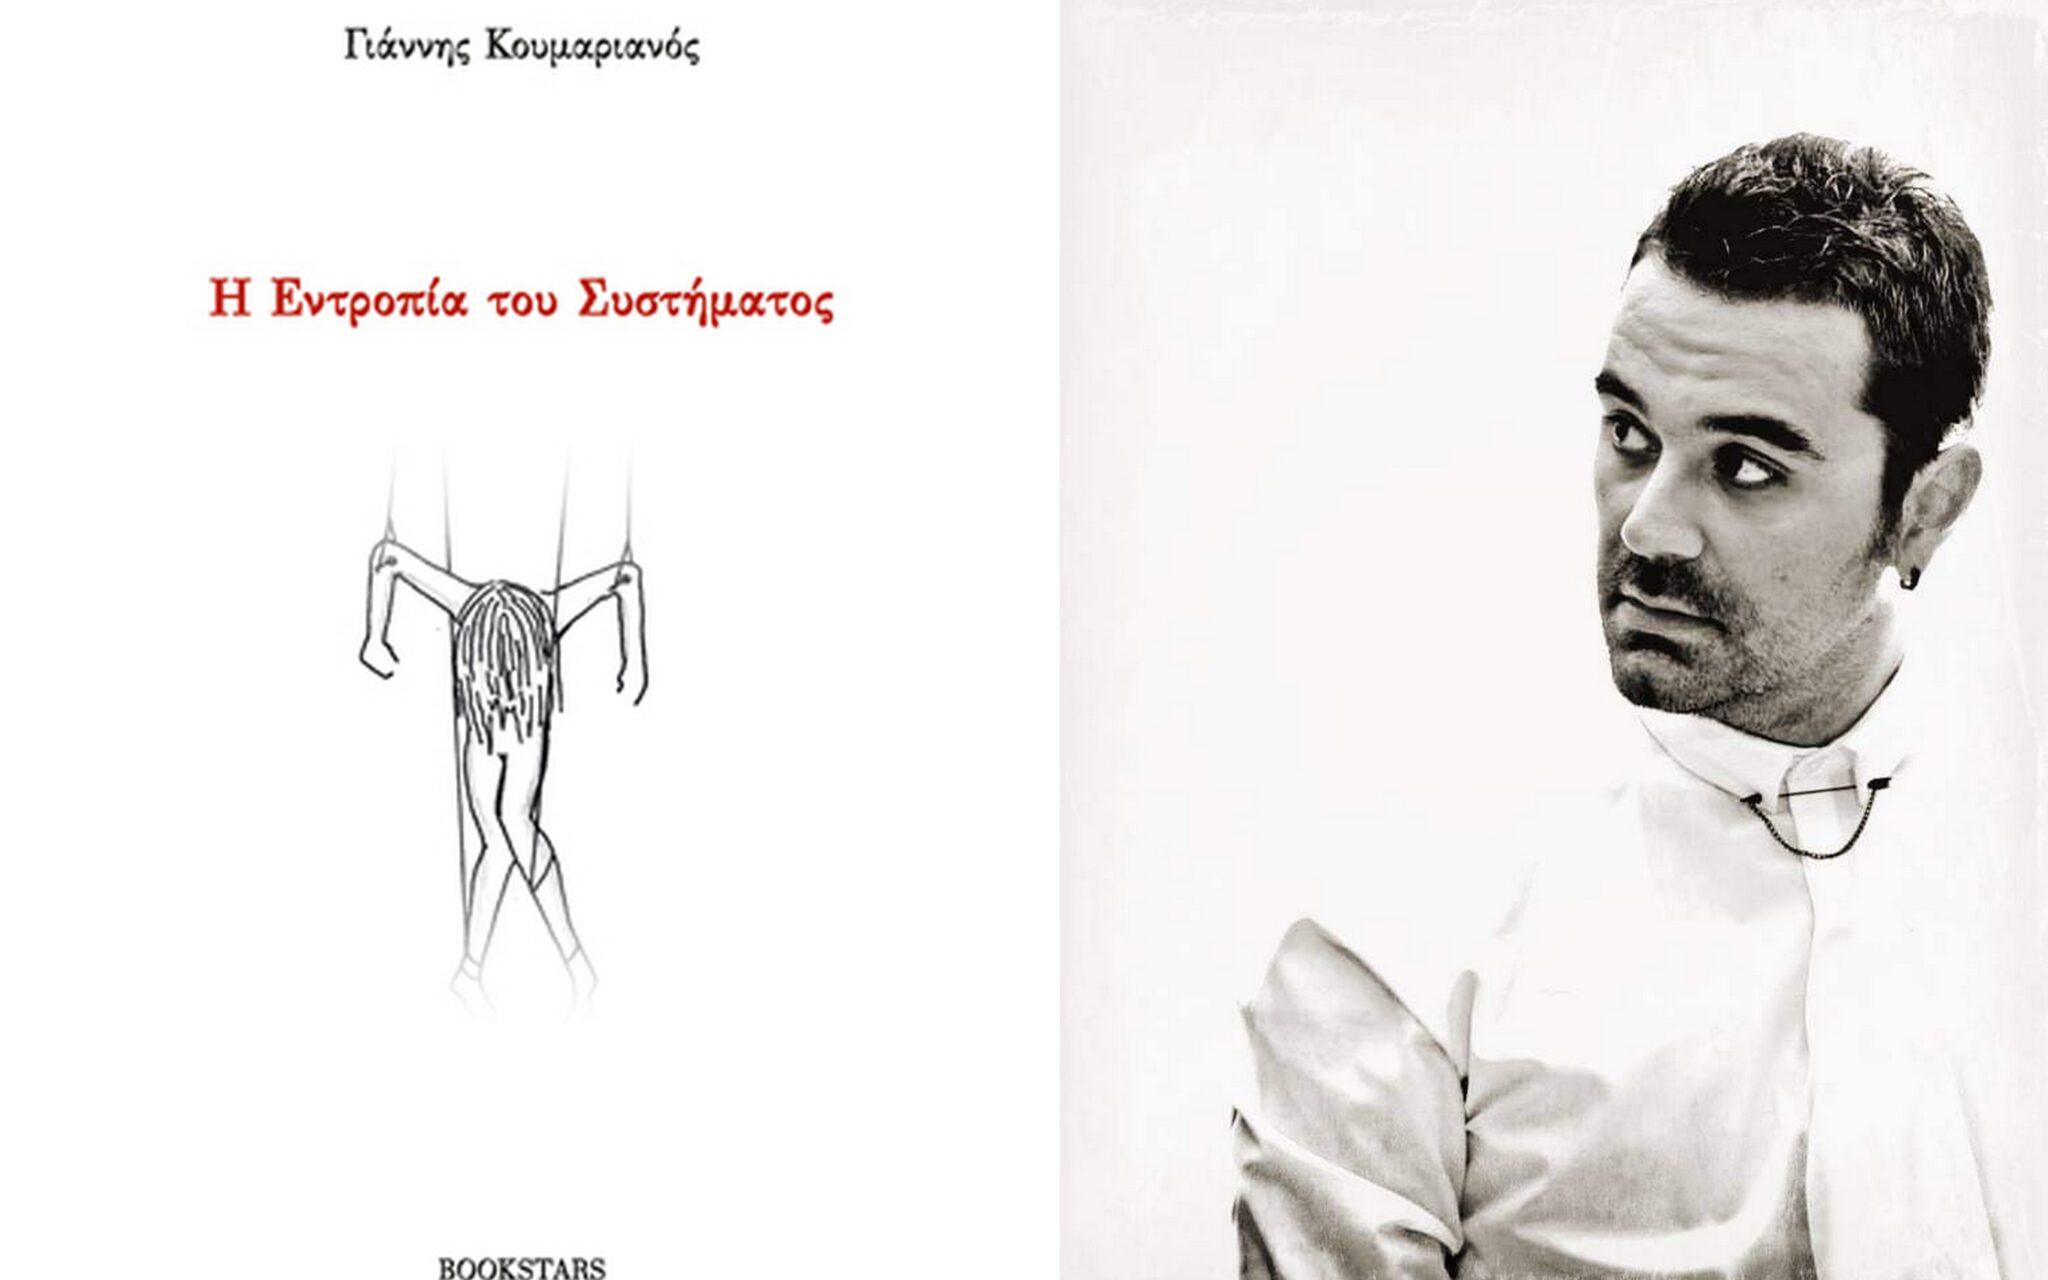 """Βιβλίο: """"Η εντροπία του Συστήματος"""" - Συγγραφέας: Κουμαριανός Γιάννης"""